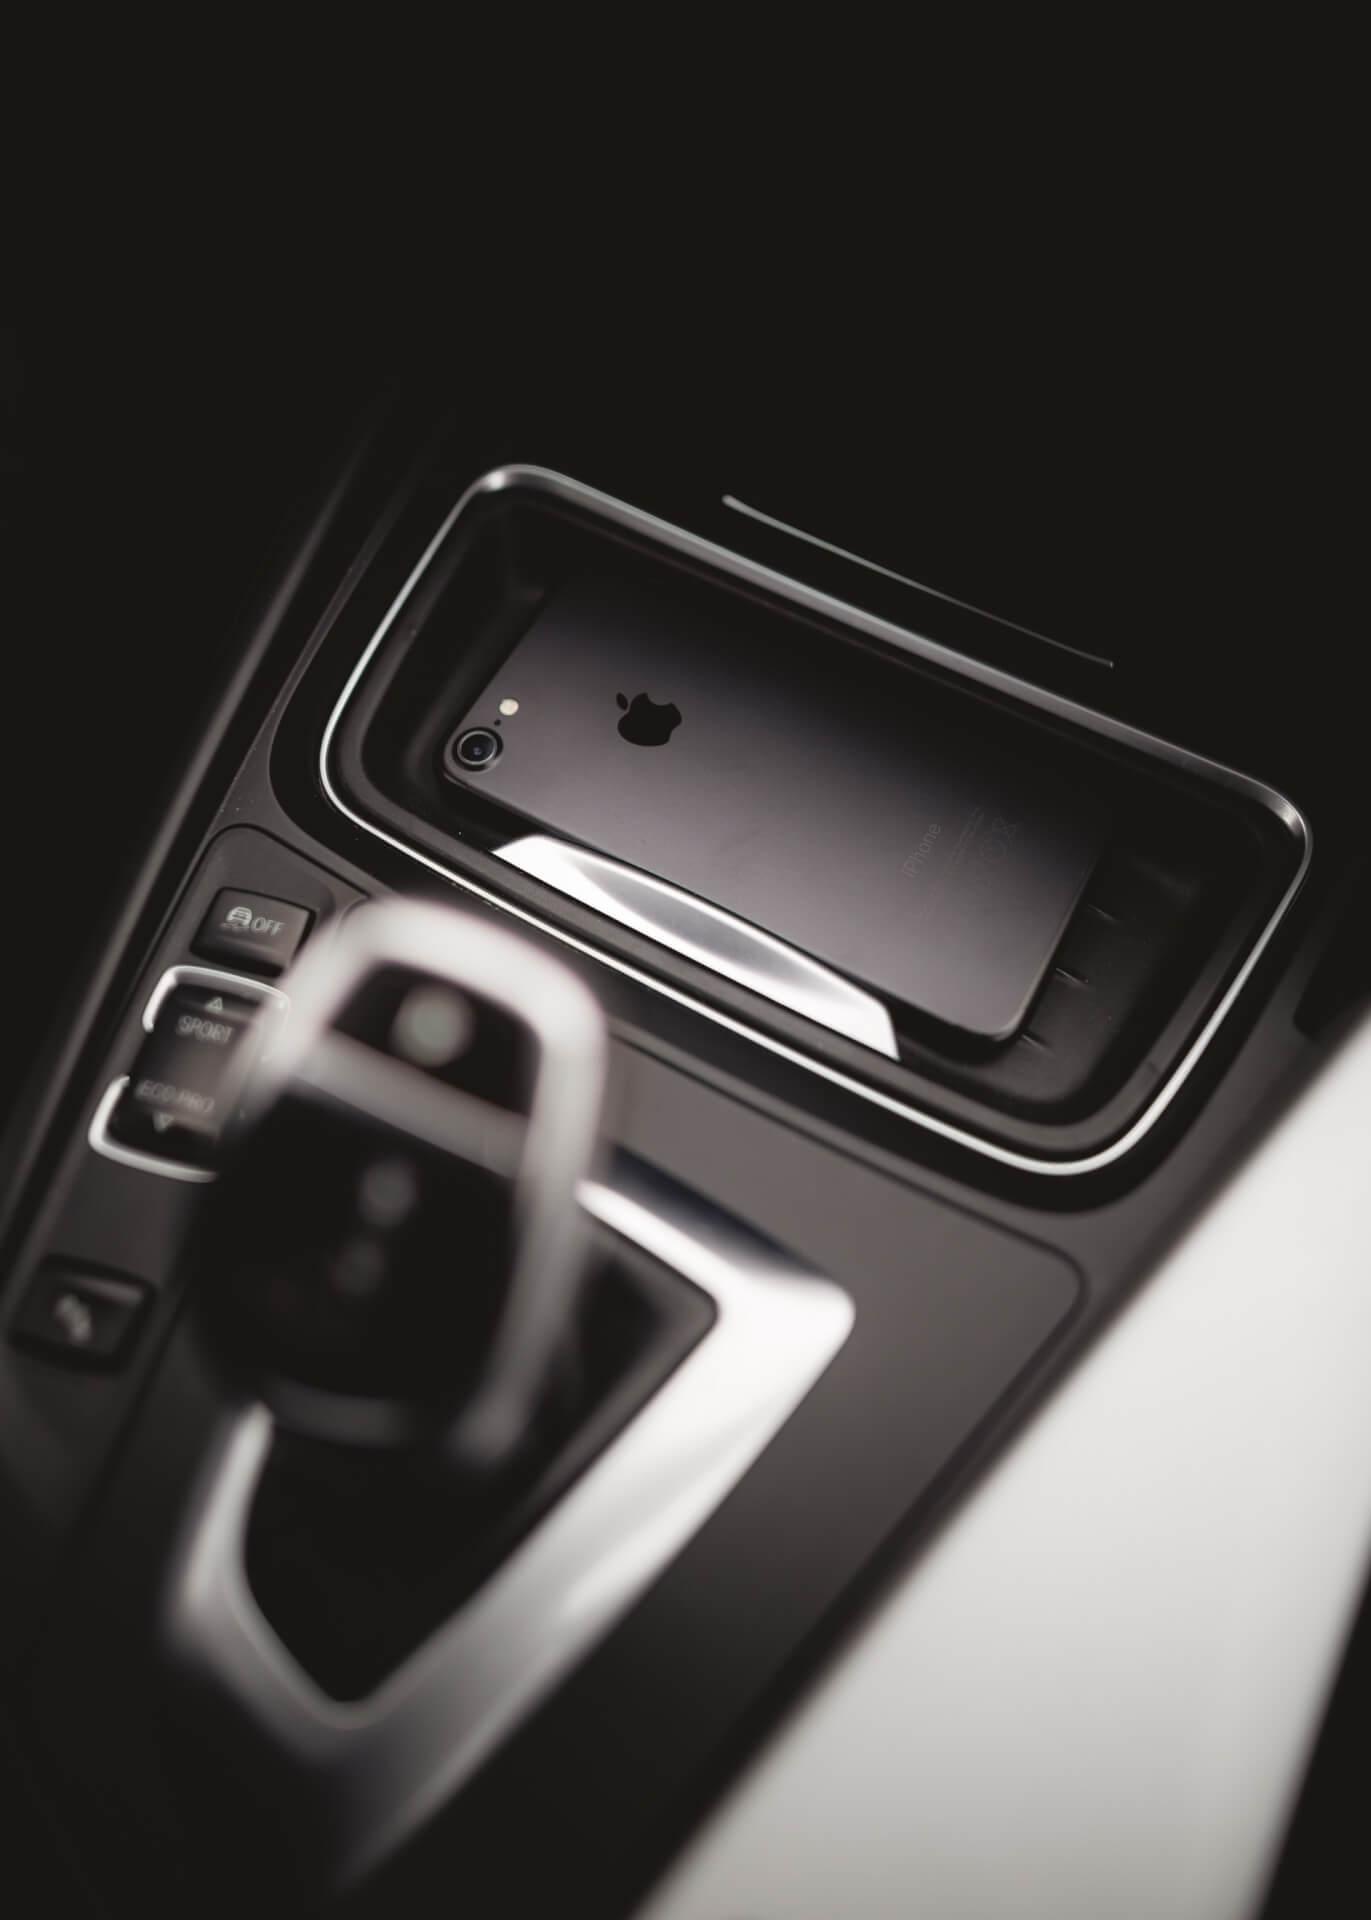 iPhone、Apple Watchが車の鍵に変わる!?iOS 13.4ベータ版で新機能「CarKey」のフレームワークが追加 tech200207_iphone_ios_1